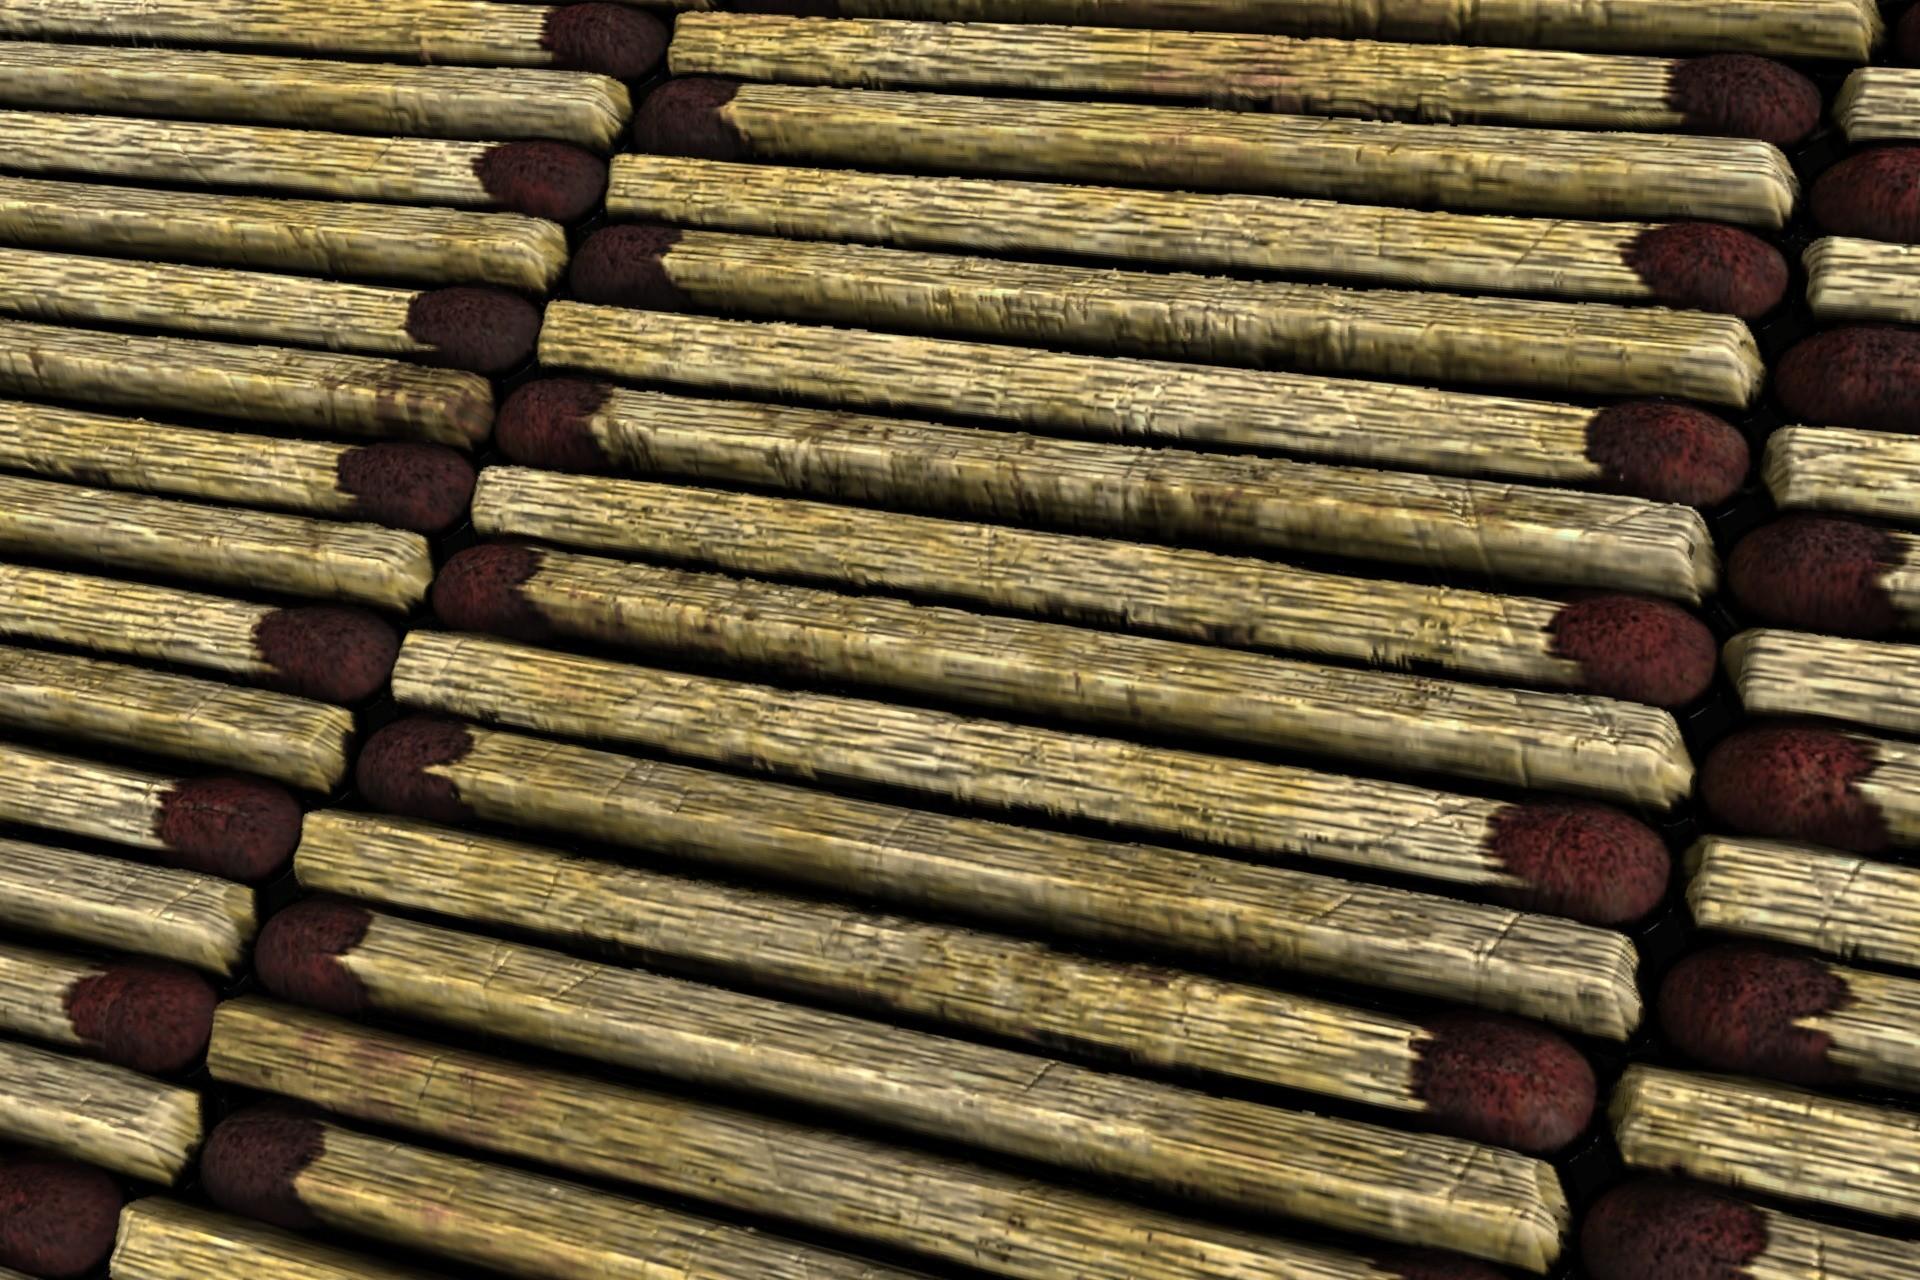 Cem tezcan matchstick house r1 00006